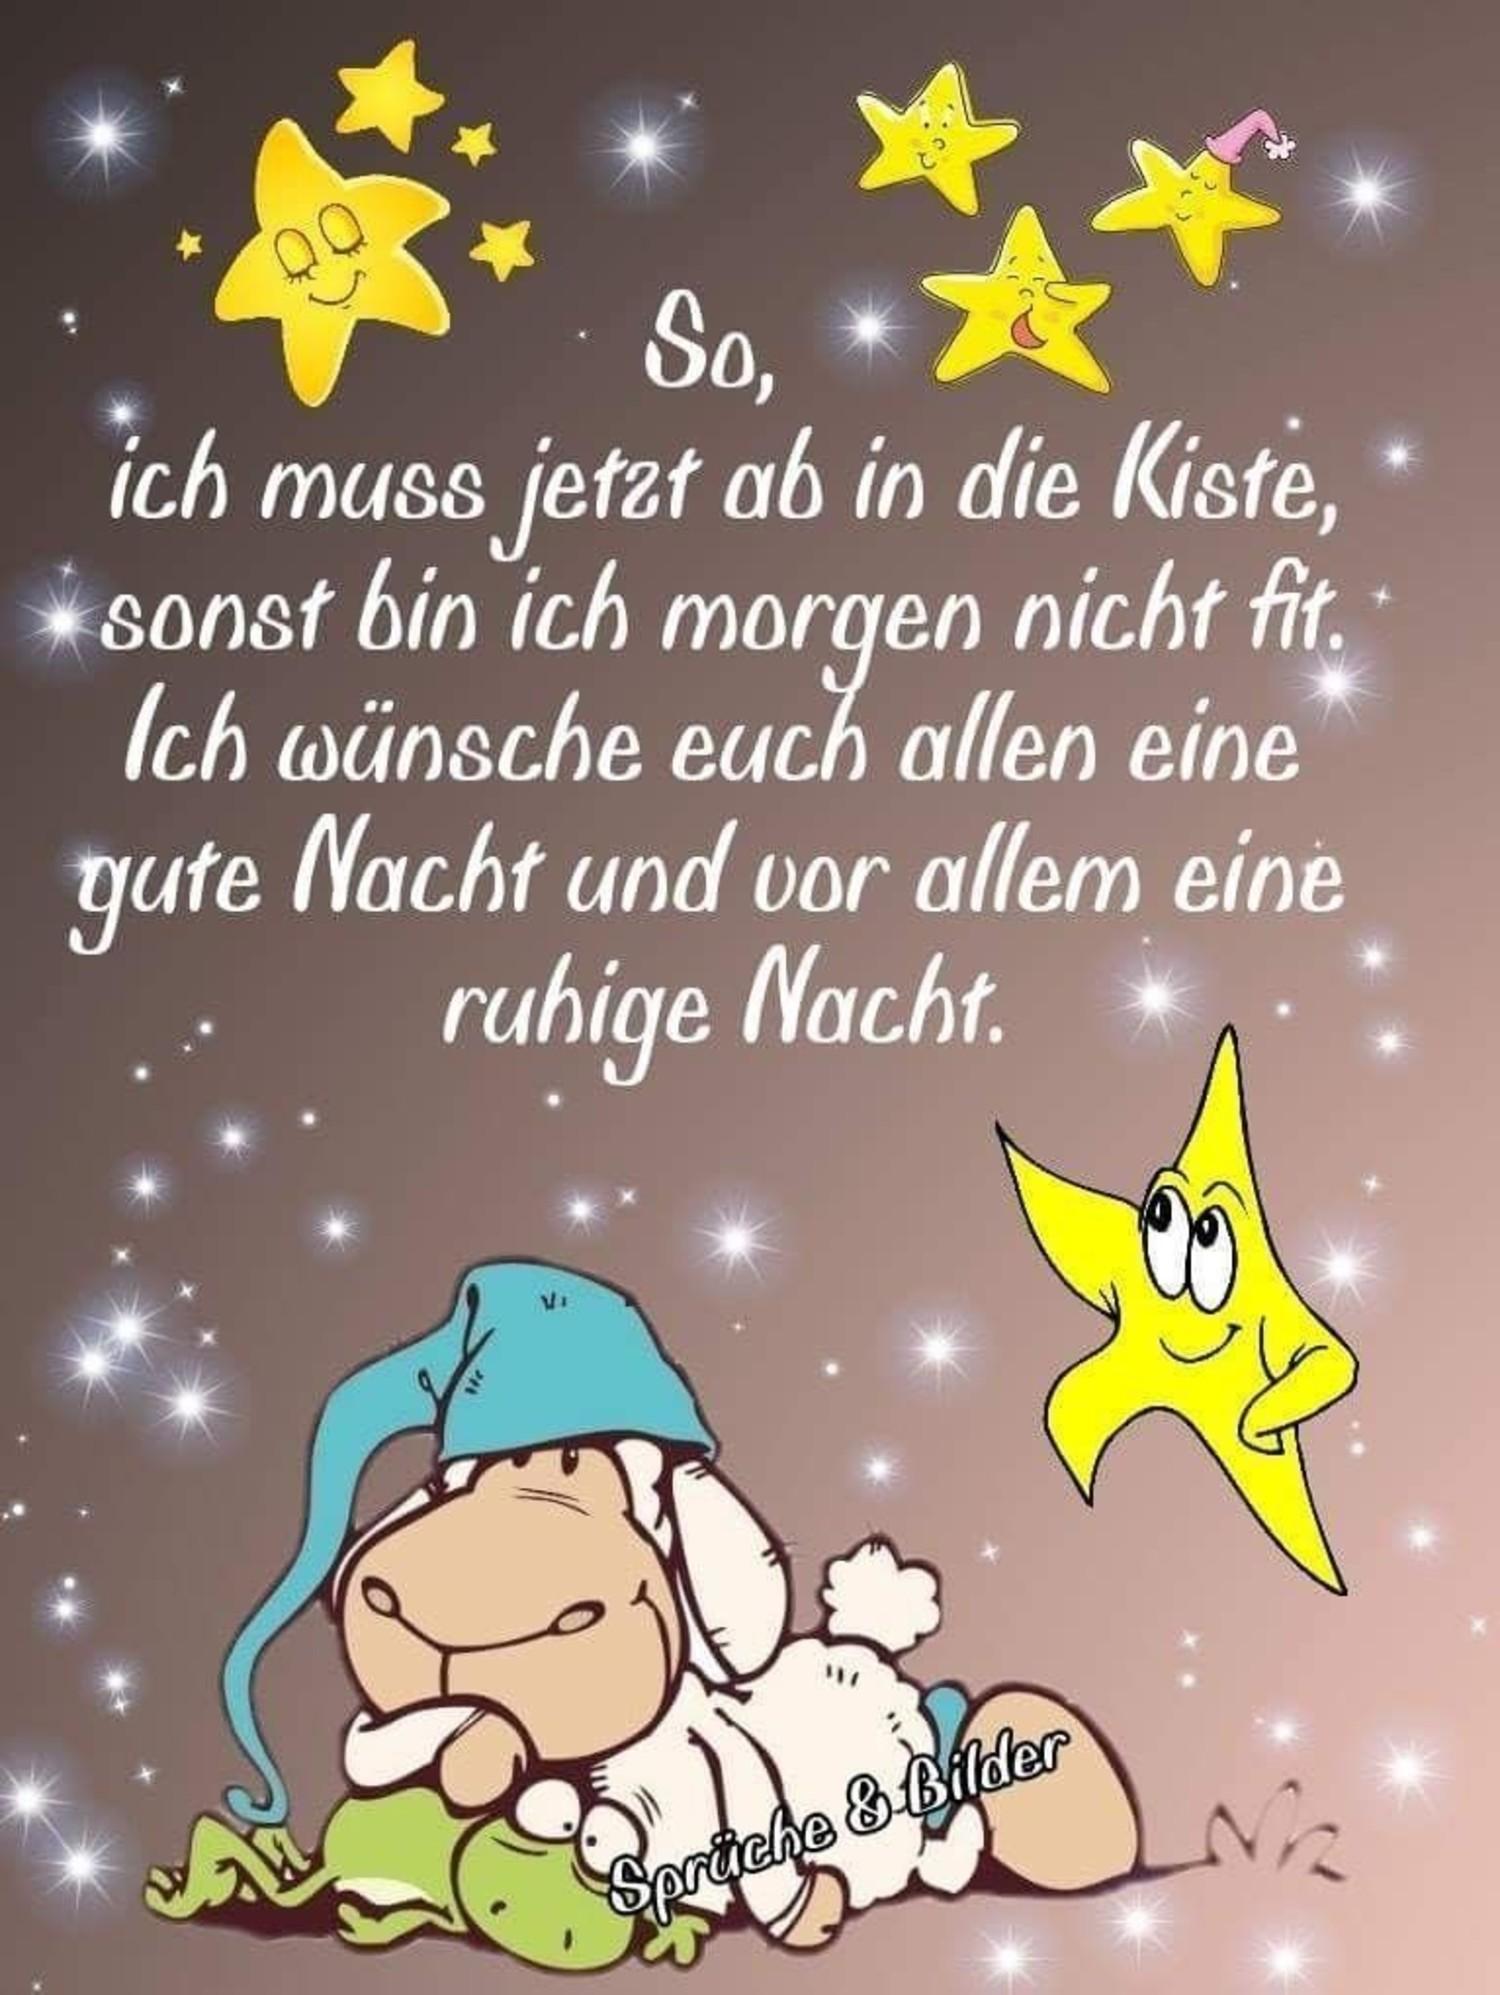 Gute Nacht und Süße Träume - GBPicsBilder.com